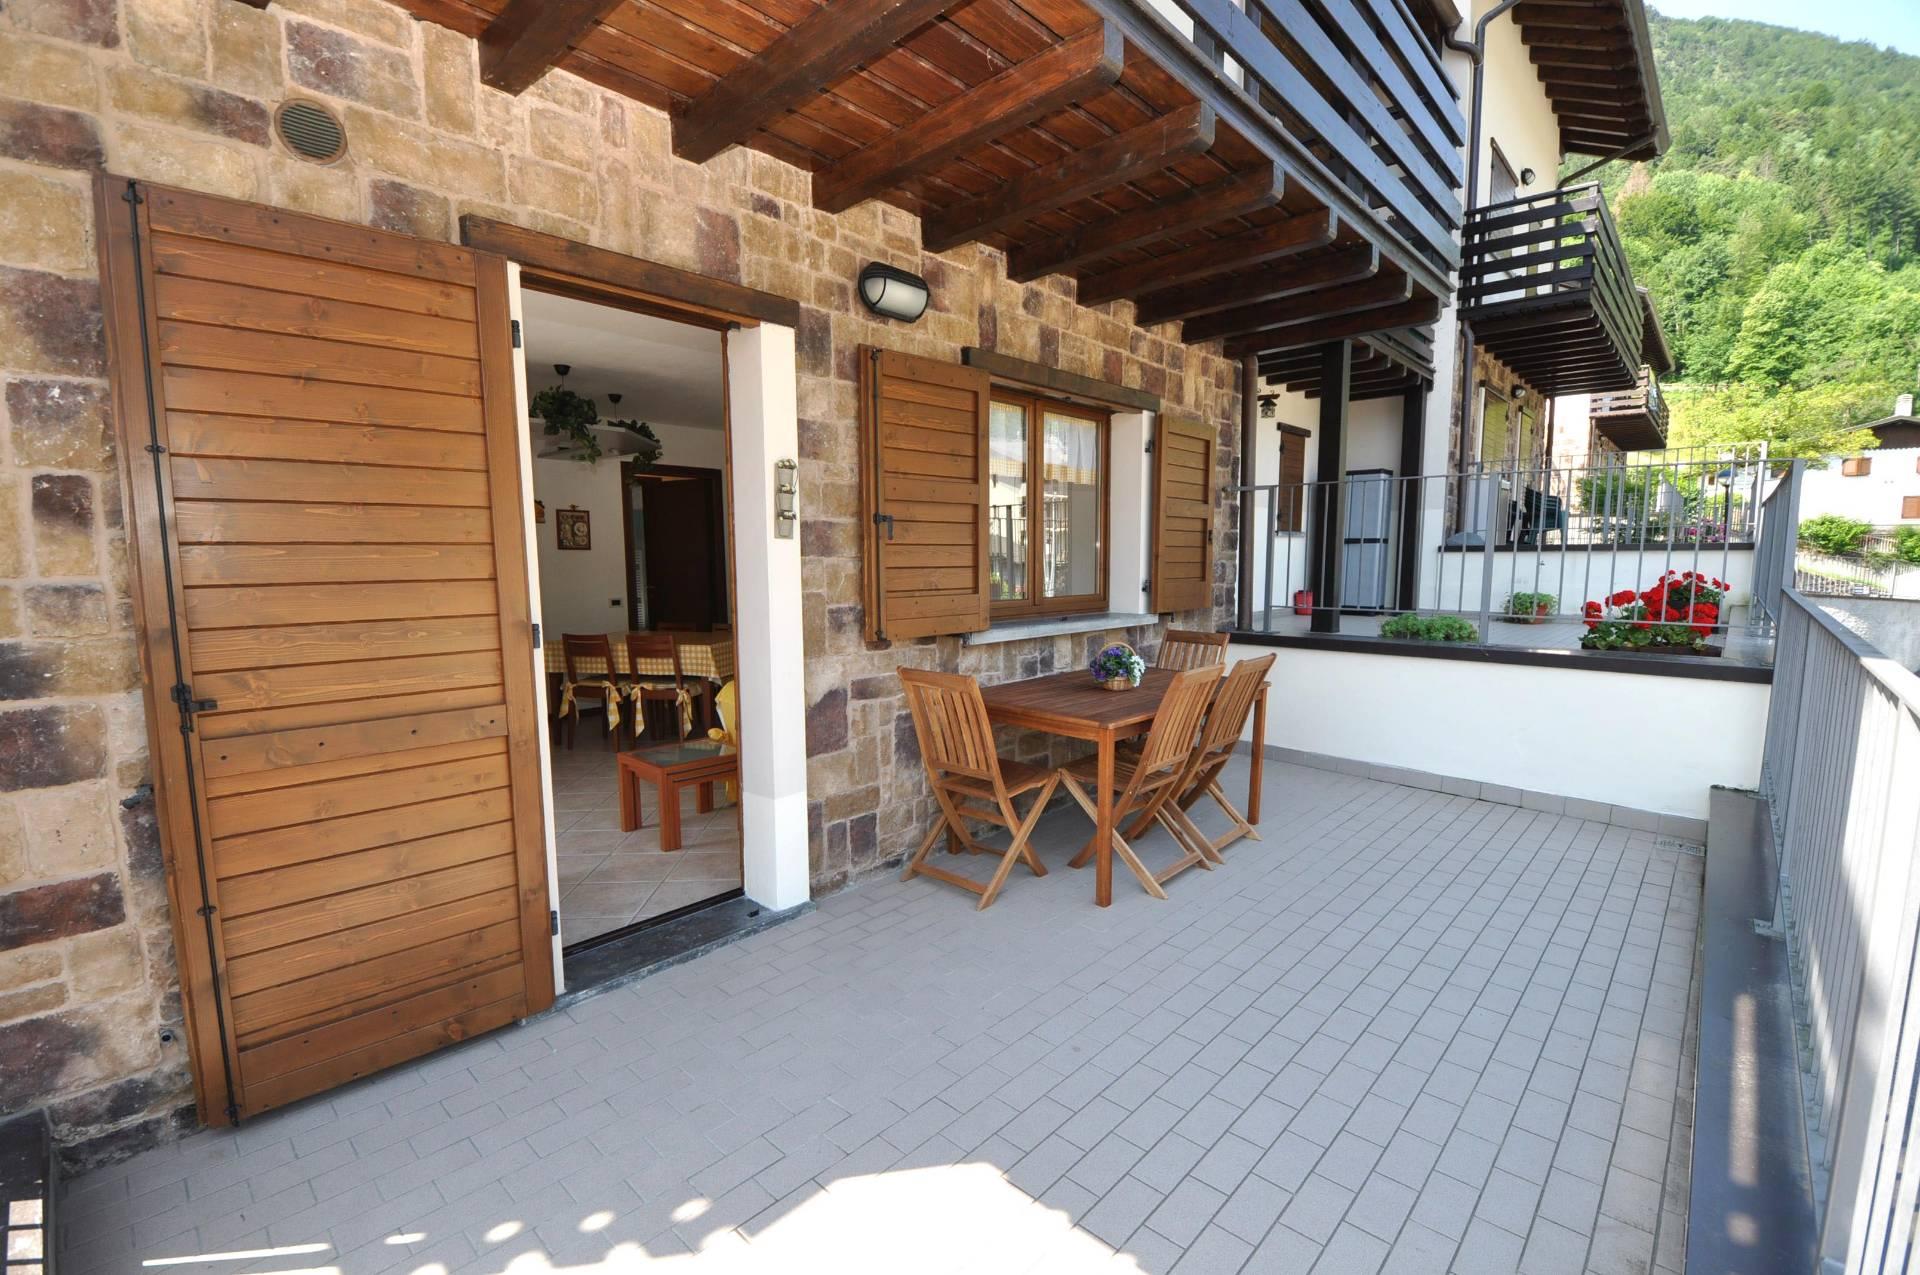 Villa in vendita a Santa Brigida, 2 locali, zona Località: ViaMonticello, prezzo € 64.500 | CambioCasa.it